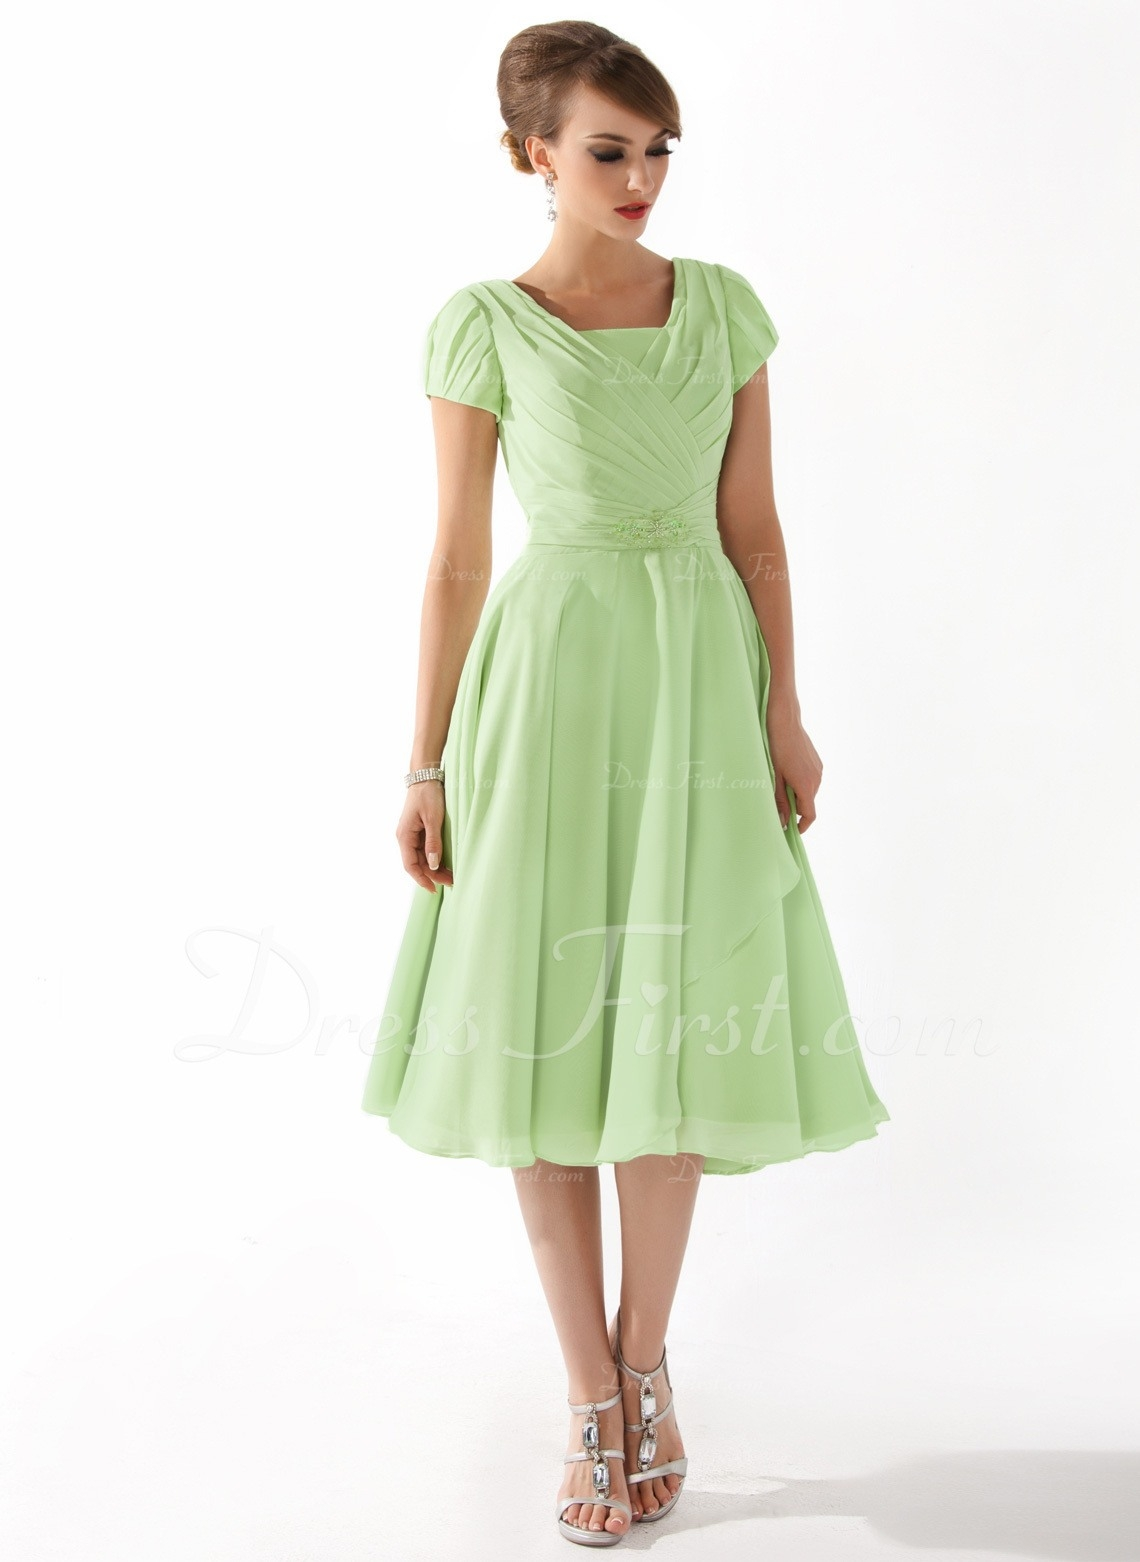 15 Genial Kleider Für Brautmutter für 2019 Wunderbar Kleider Für Brautmutter Design